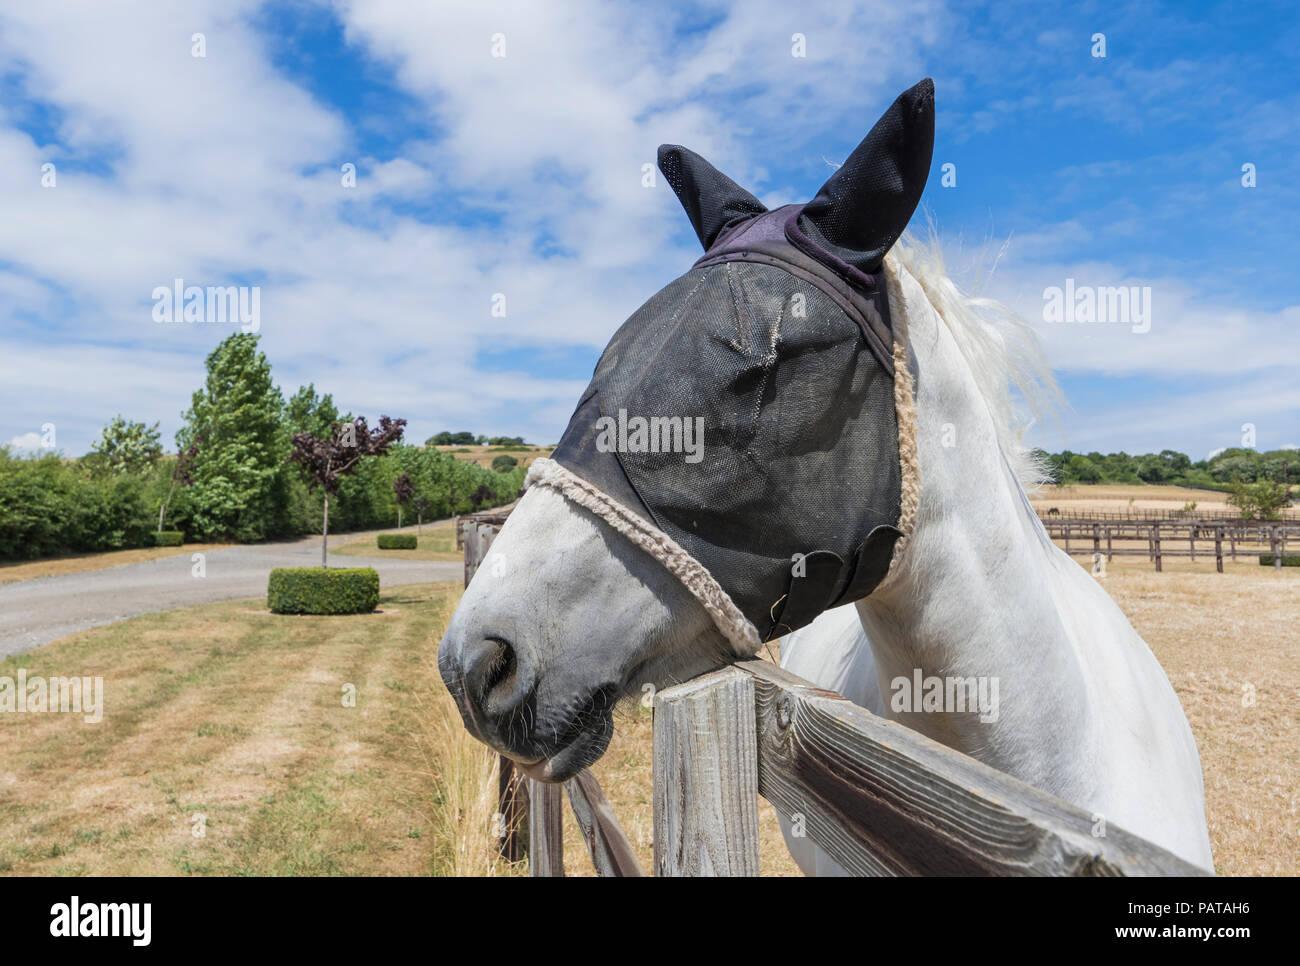 White Horse in estate guardando sopra un recinto, indossando una maglia fly velo maschera di protezione sulla sua testa e orecchie per proteggere da mosche, nel West Sussex, Regno Unito Immagini Stock